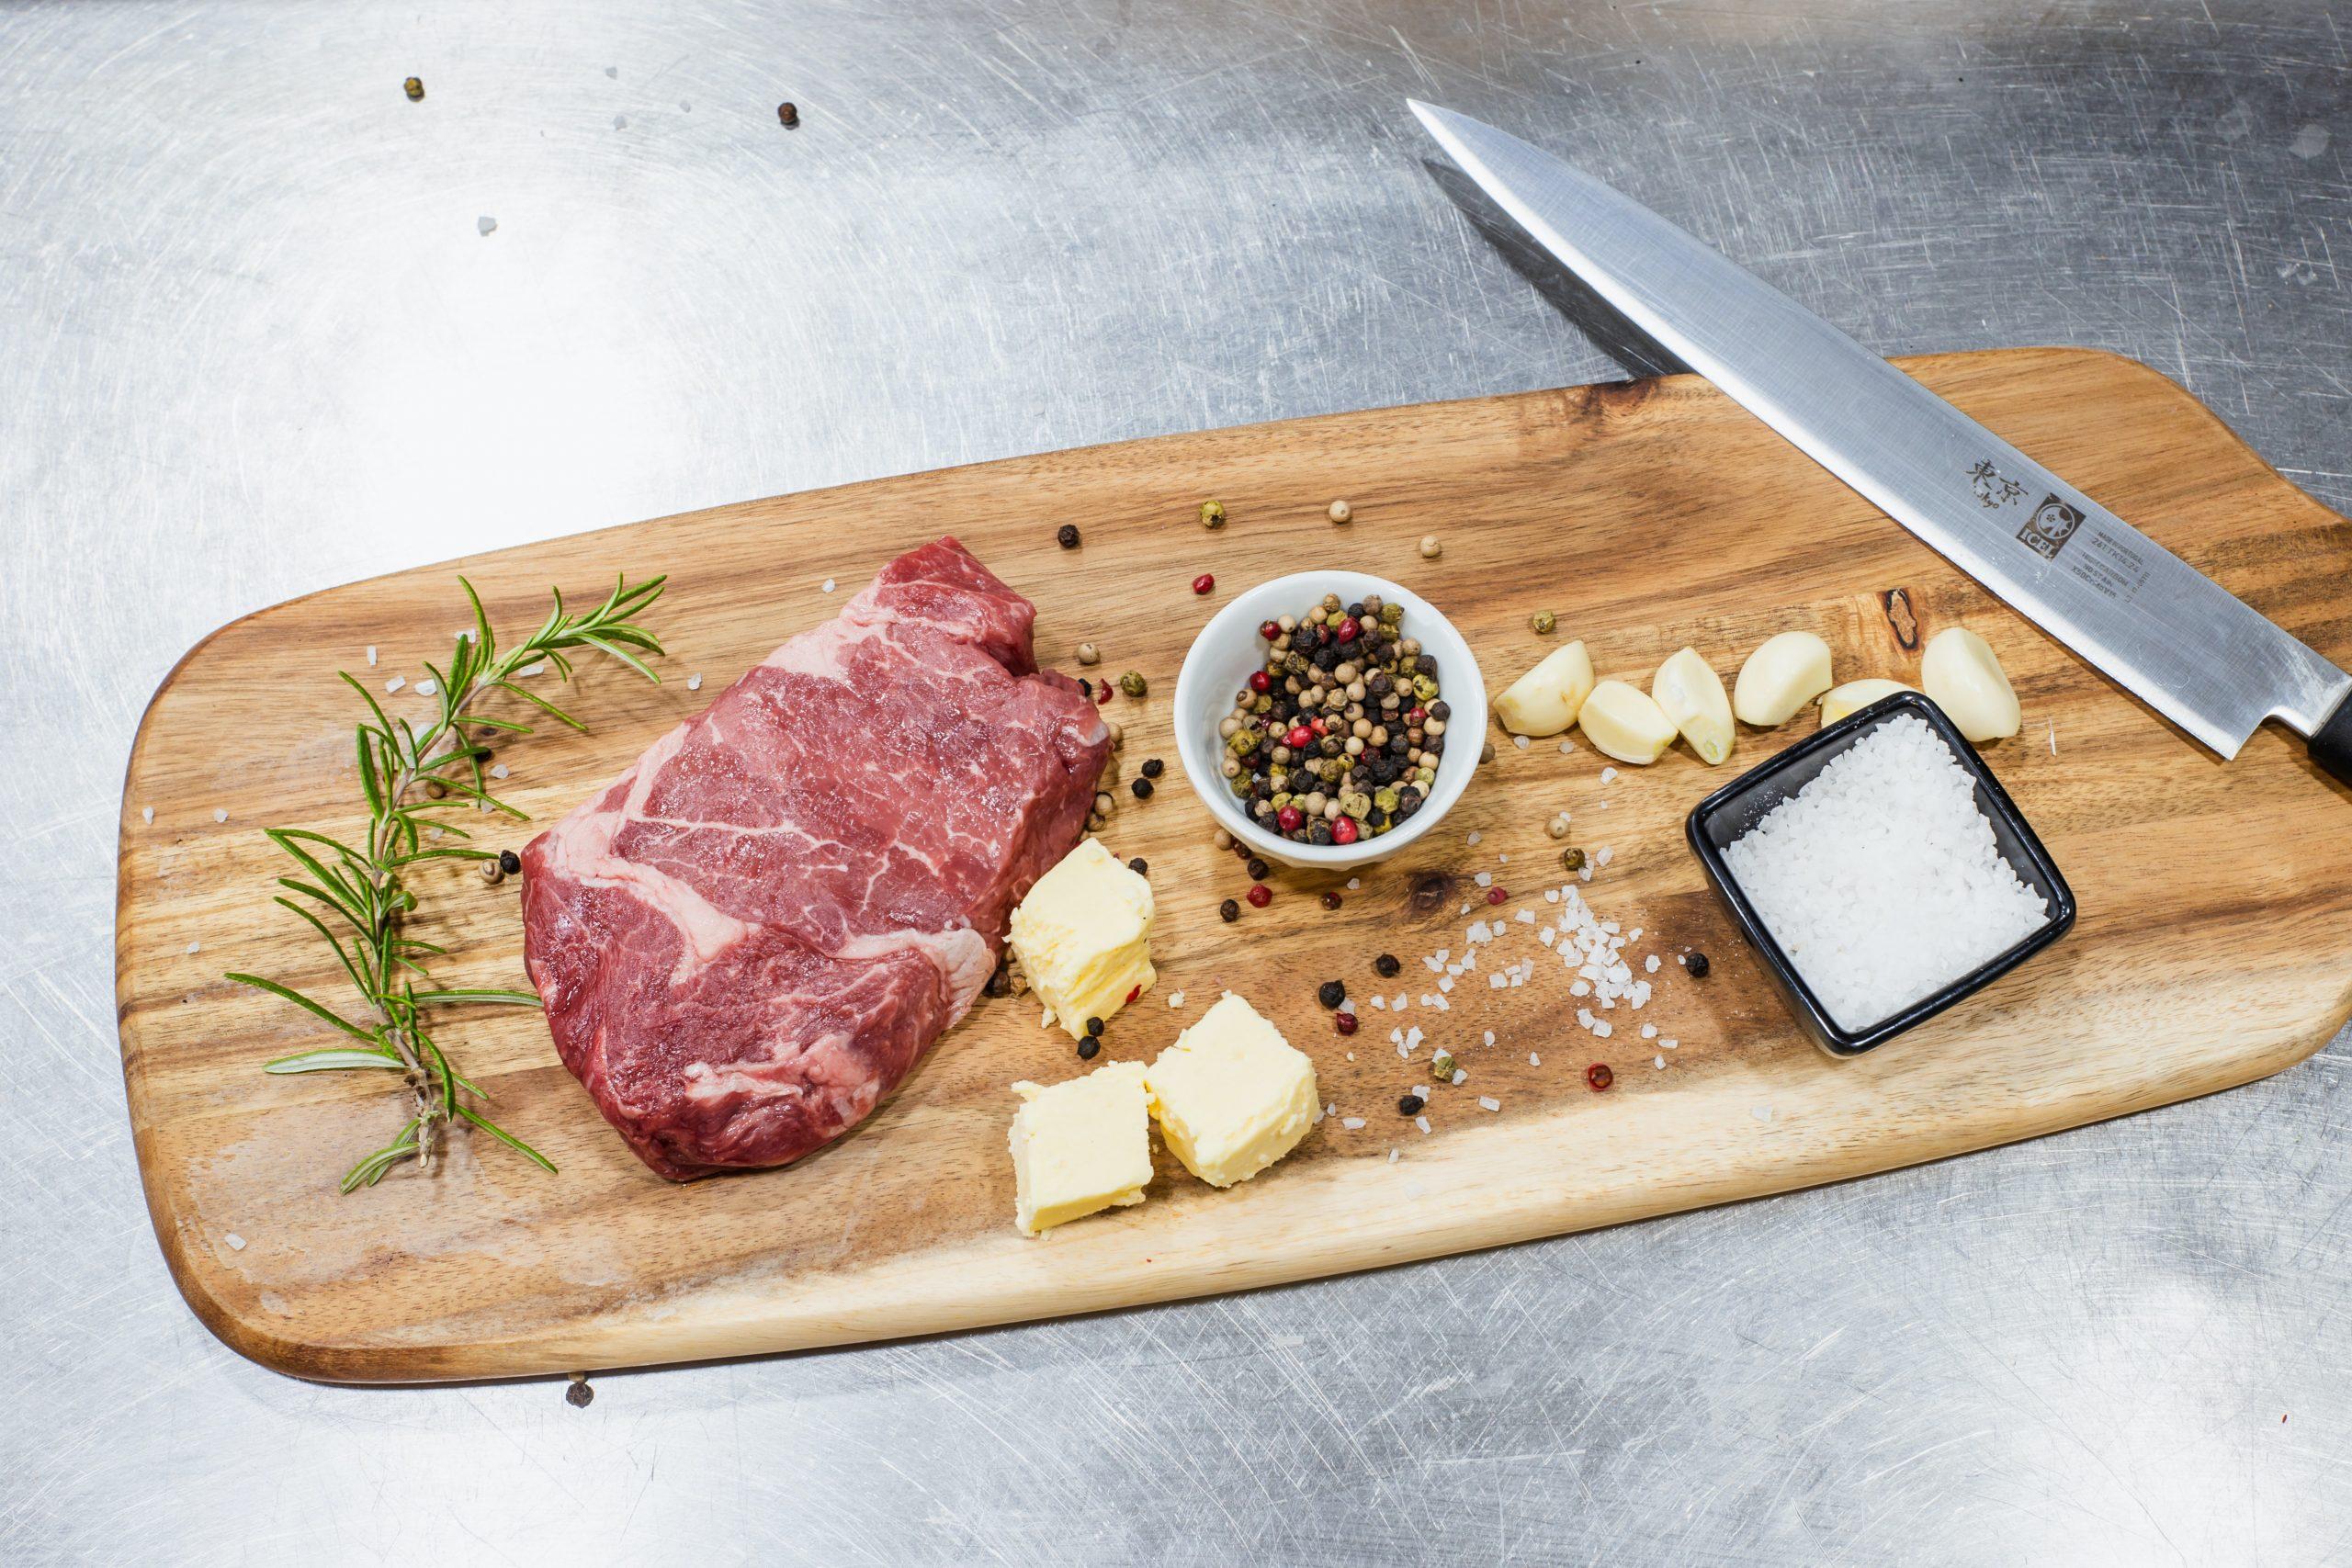 Na foto uma tábua de carne com um pedaço de carne, pimentas, sal e faca em cima.